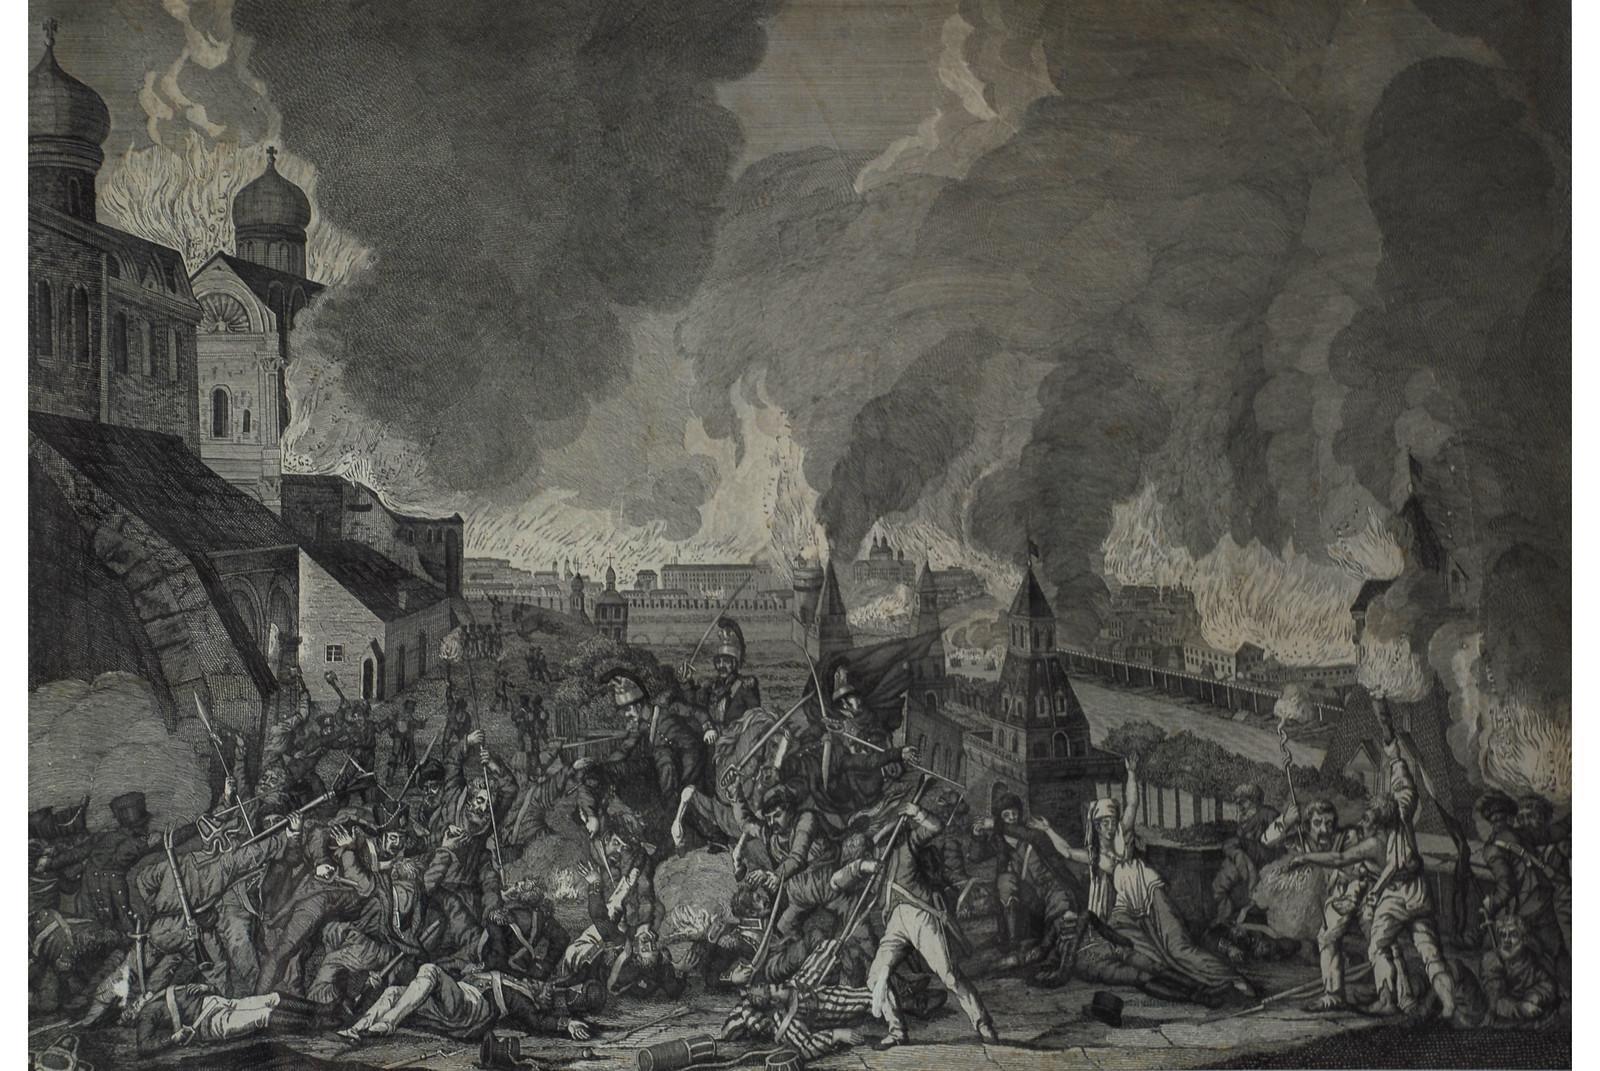 Неизвестный автор. Пожар Москвы (15 сентября 1812 года). По картине Л. Ругендаса